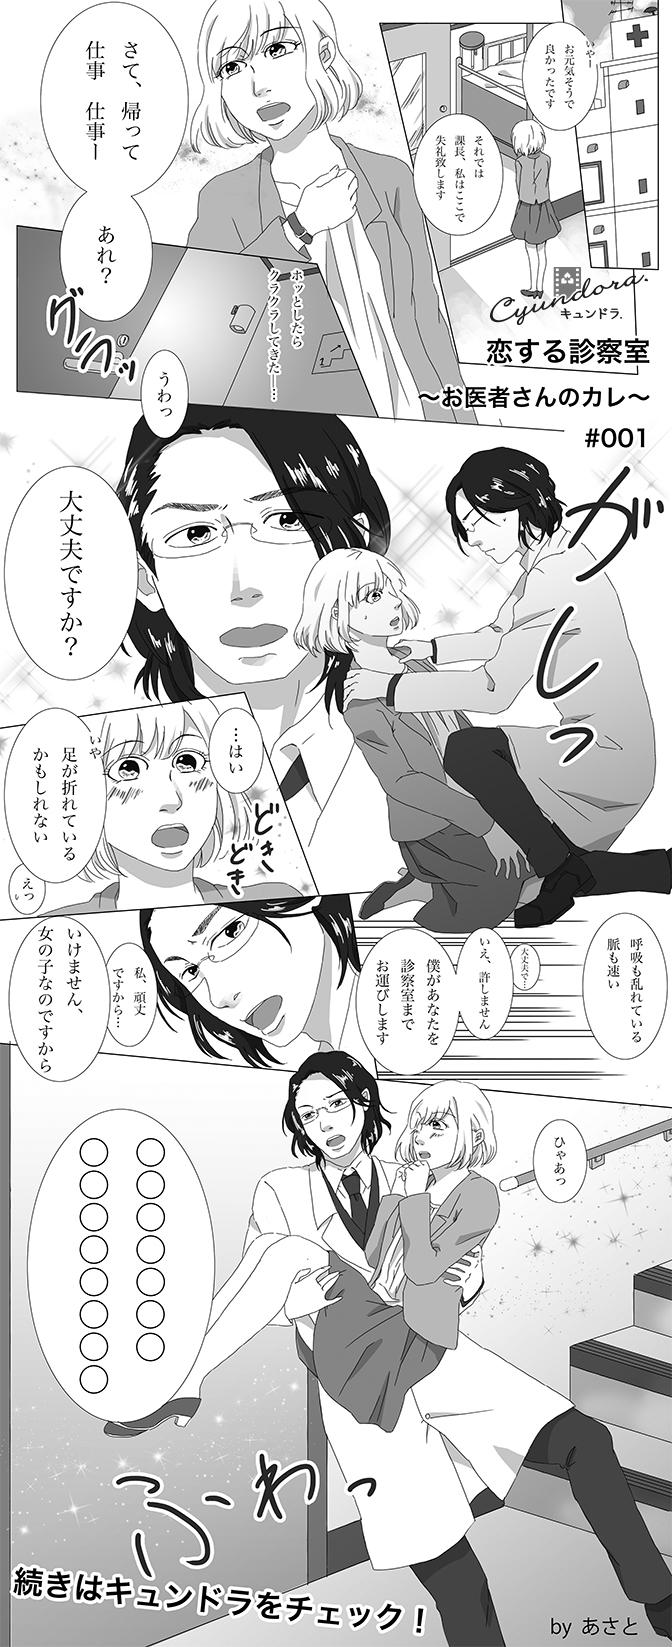 【妄想マンガ】恋する診察室 ~お医者さんのカレ~ #001